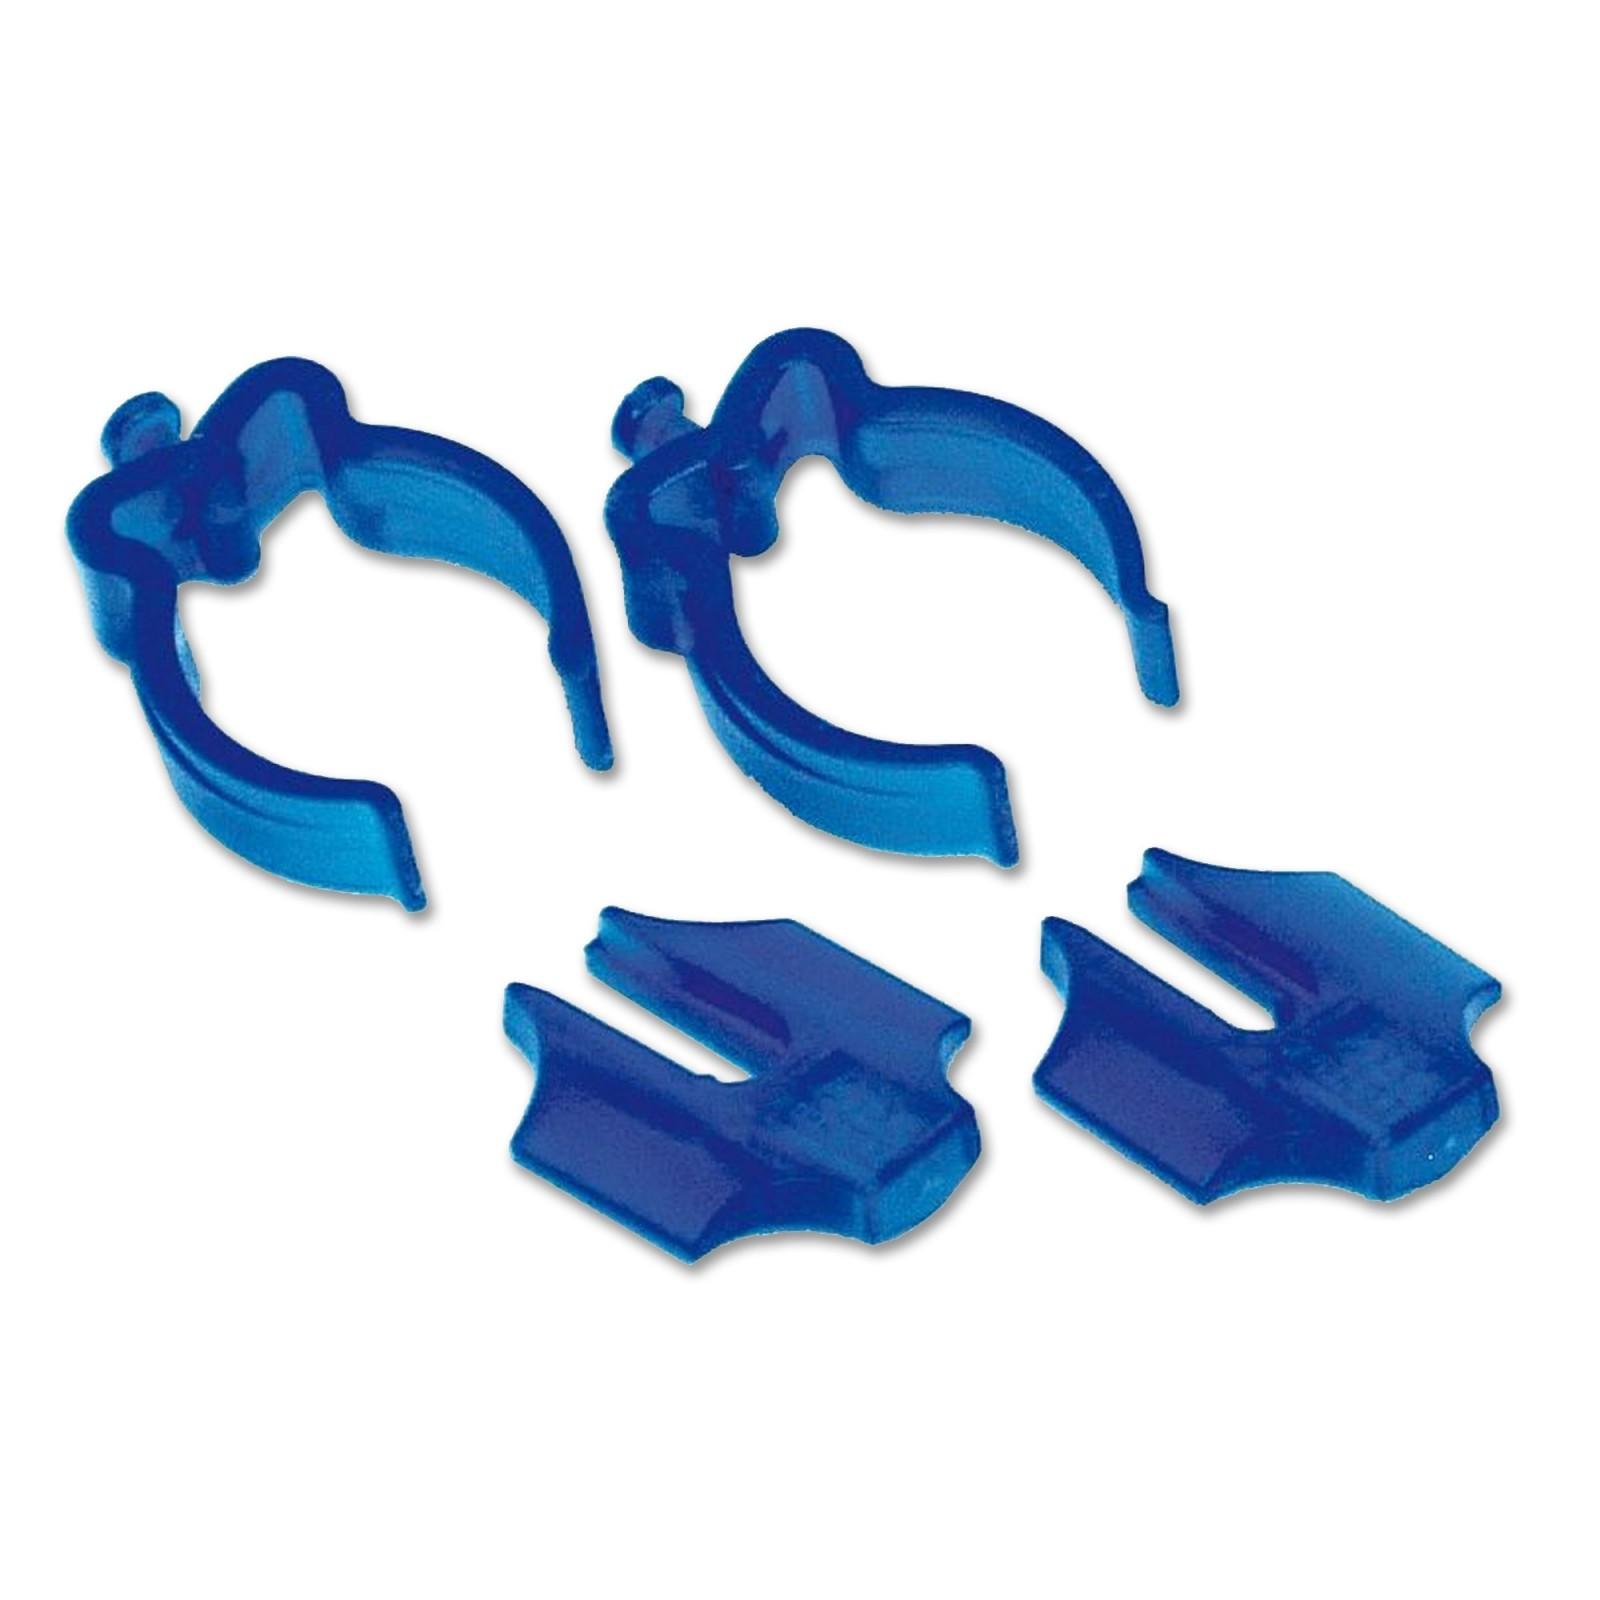 Dennerle 1397 Clip per Neon T8 2 pezzi